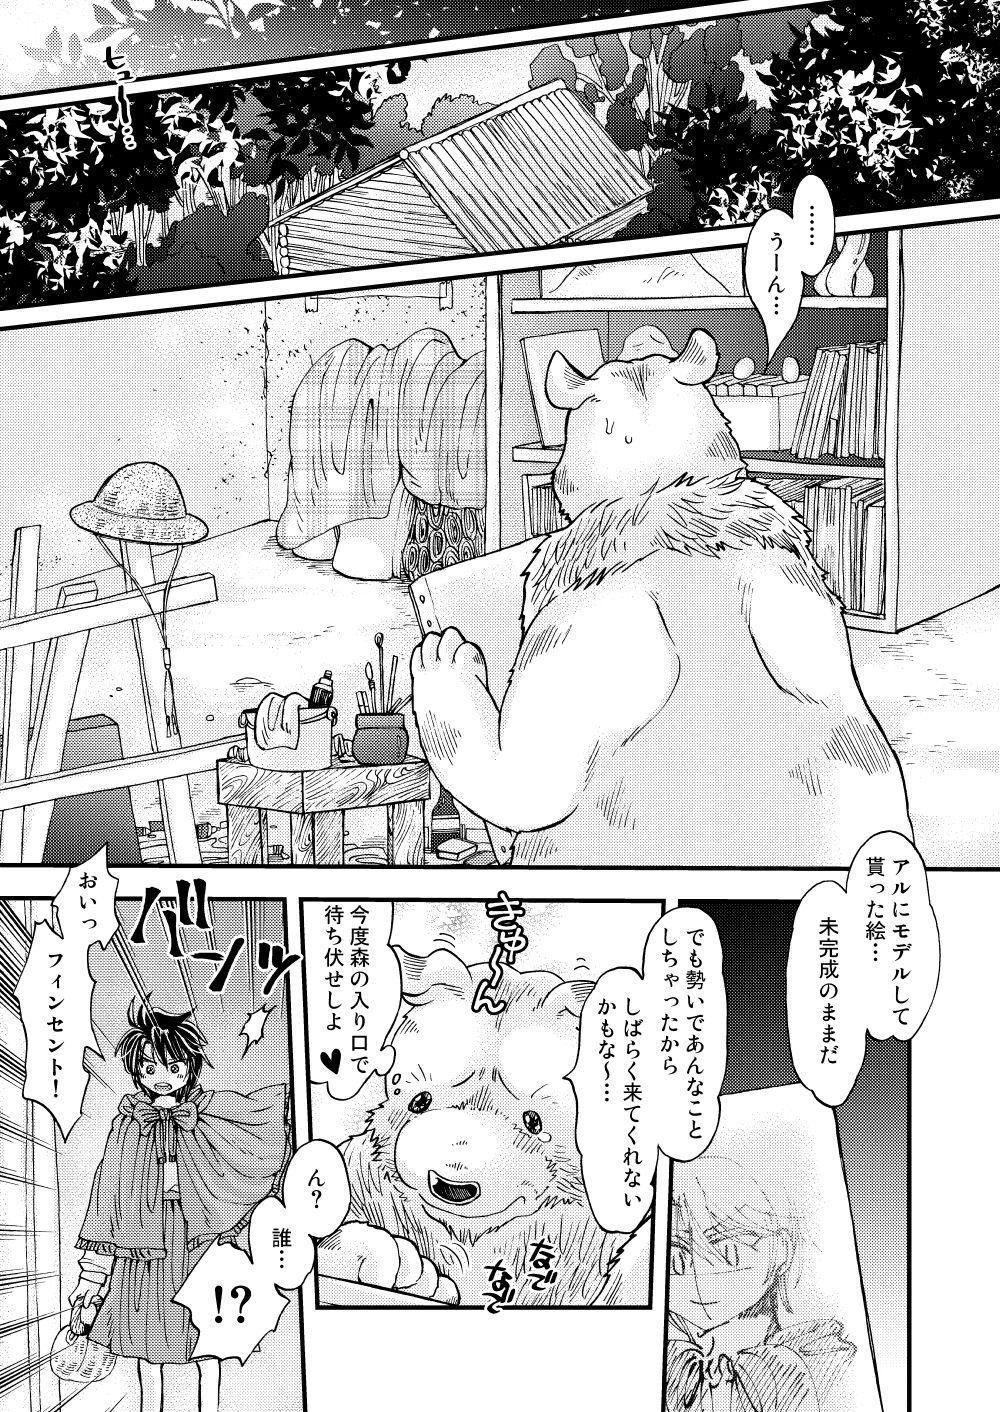 Mori no Kuma-san ni Aisare Sugite Mofu Mofu 44